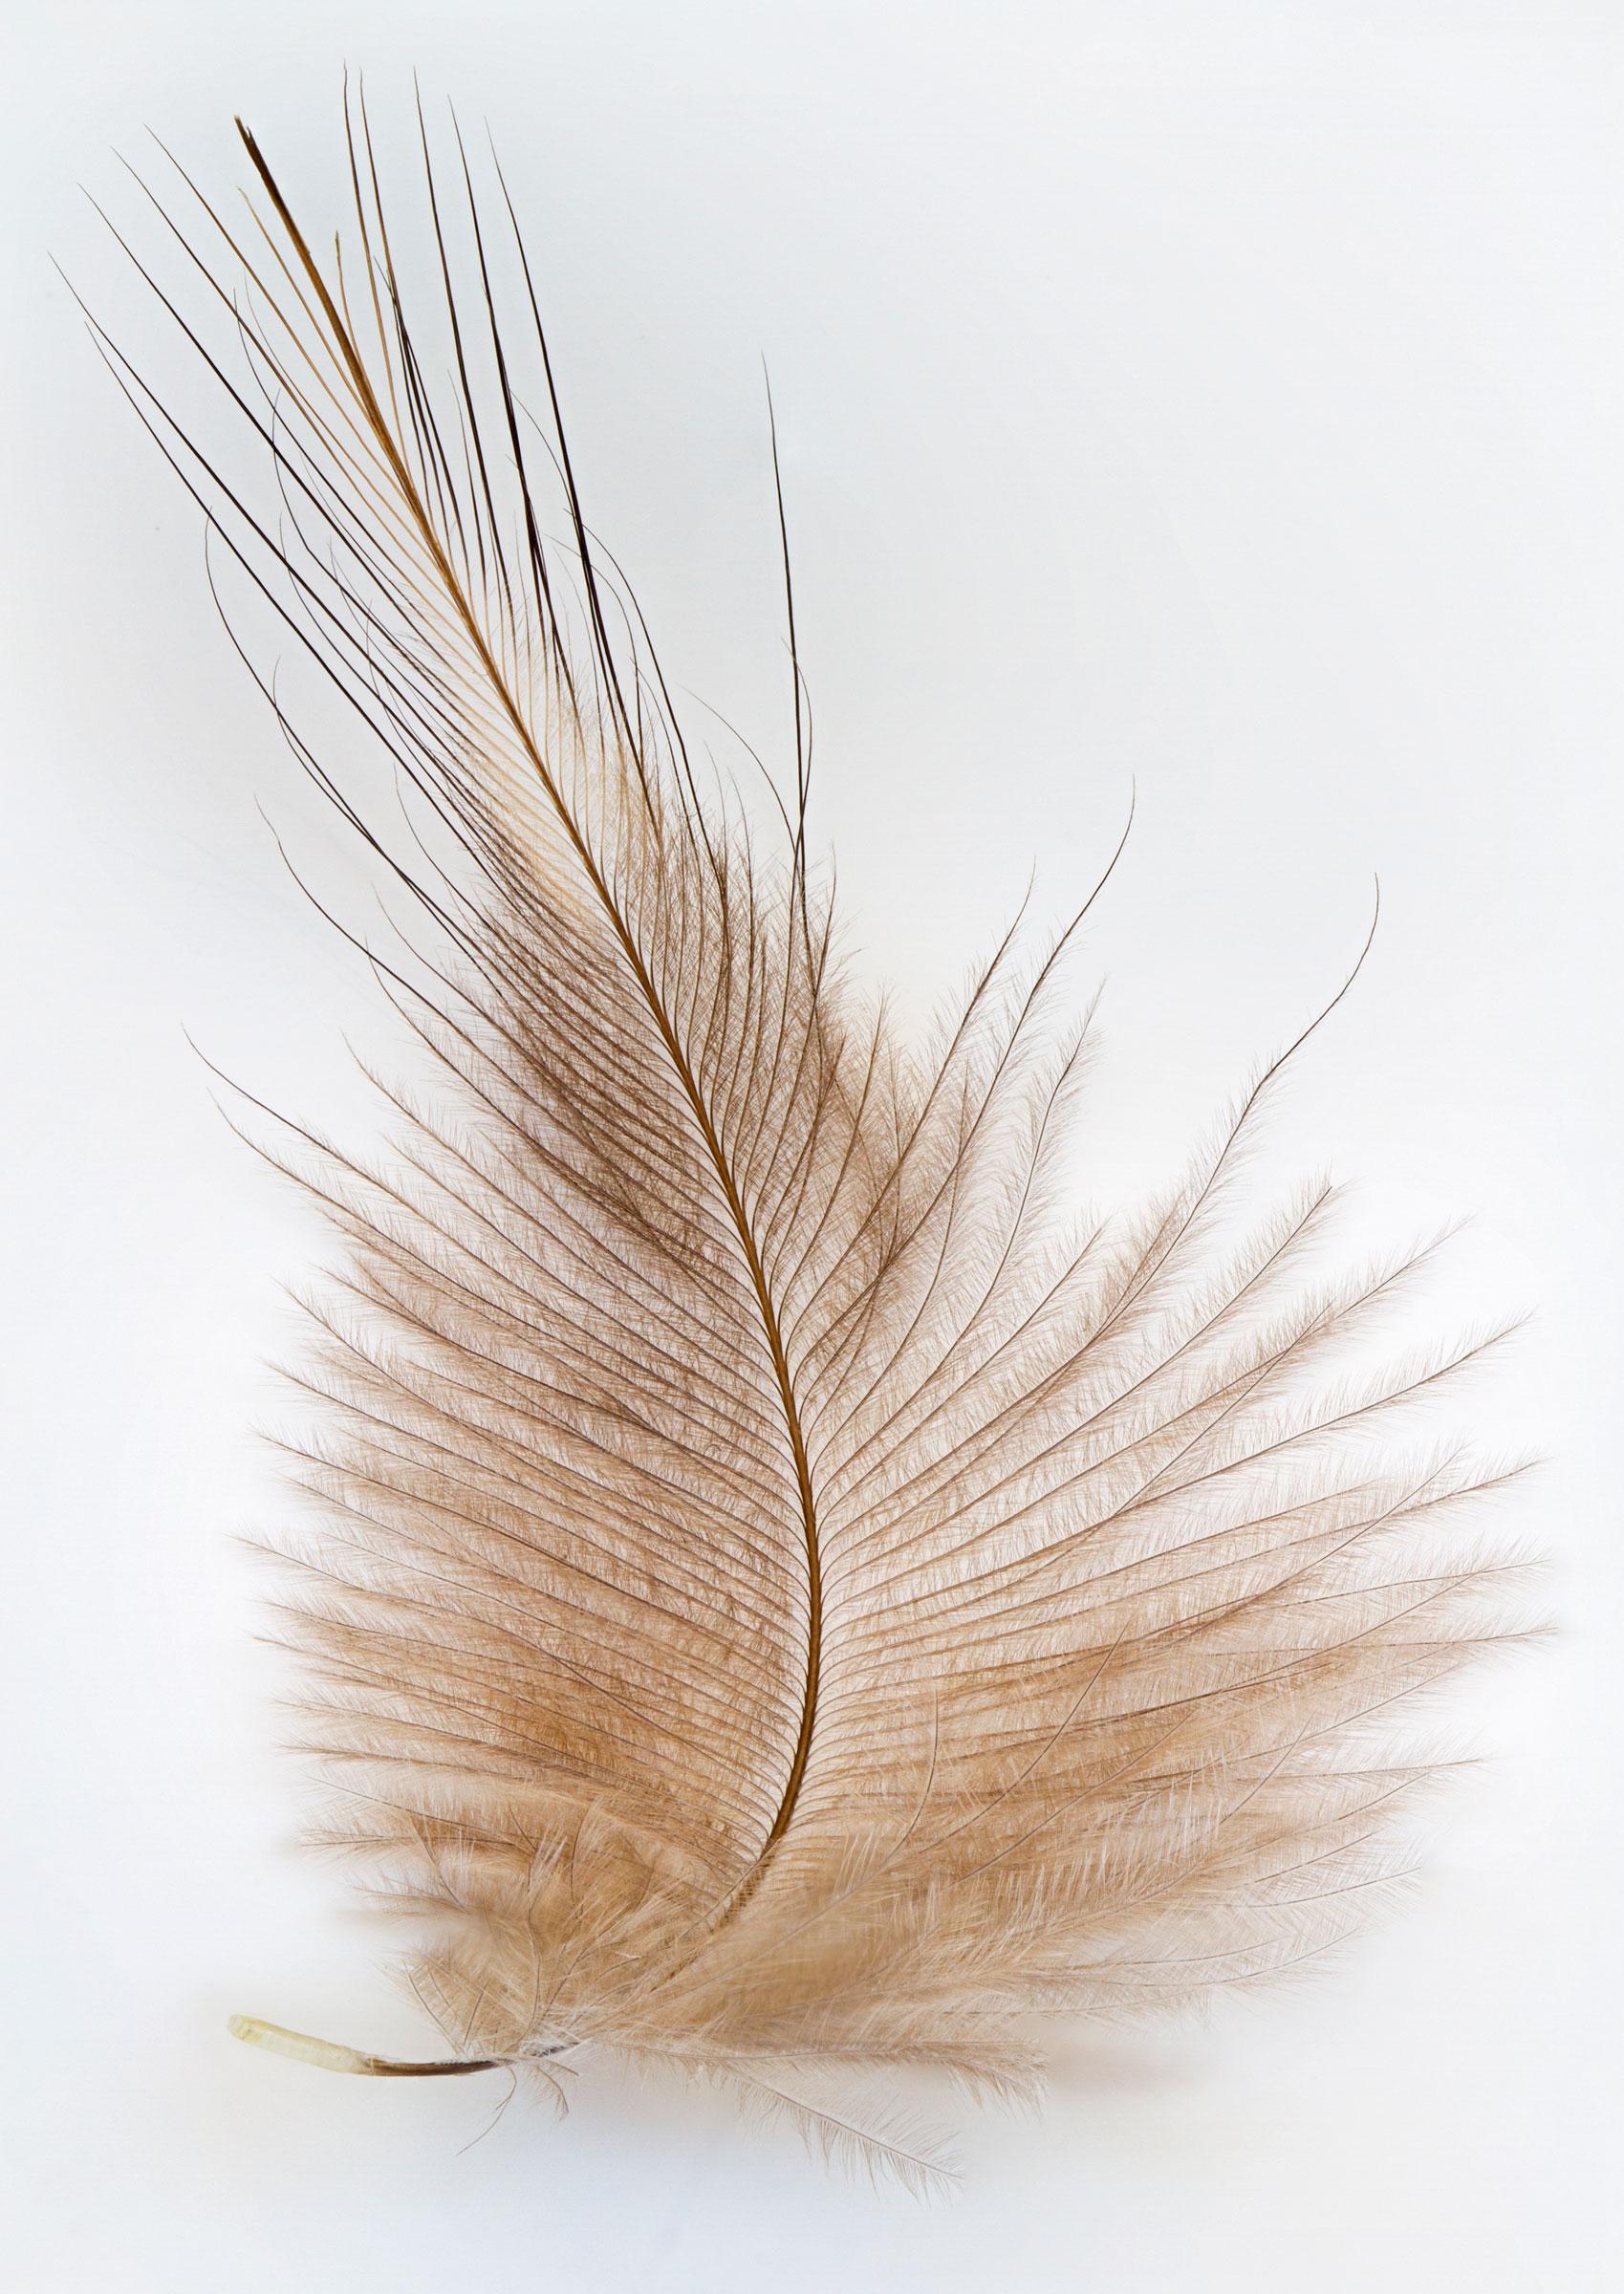 Kiwi feather. Heather O'Brien